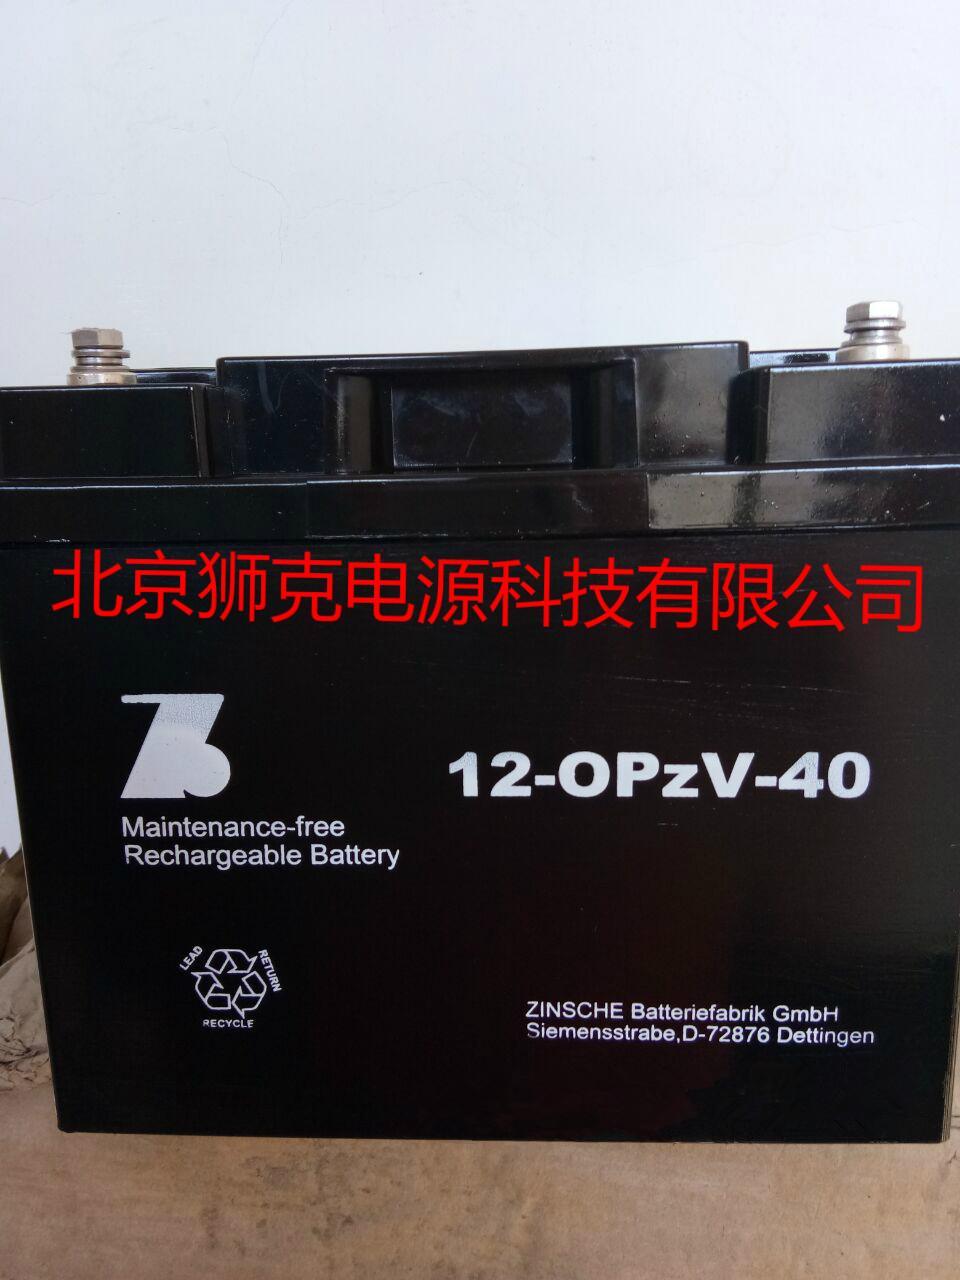 德國森泉(ZINSCHE)蓄電池2-OPzV-800抗深放電 2